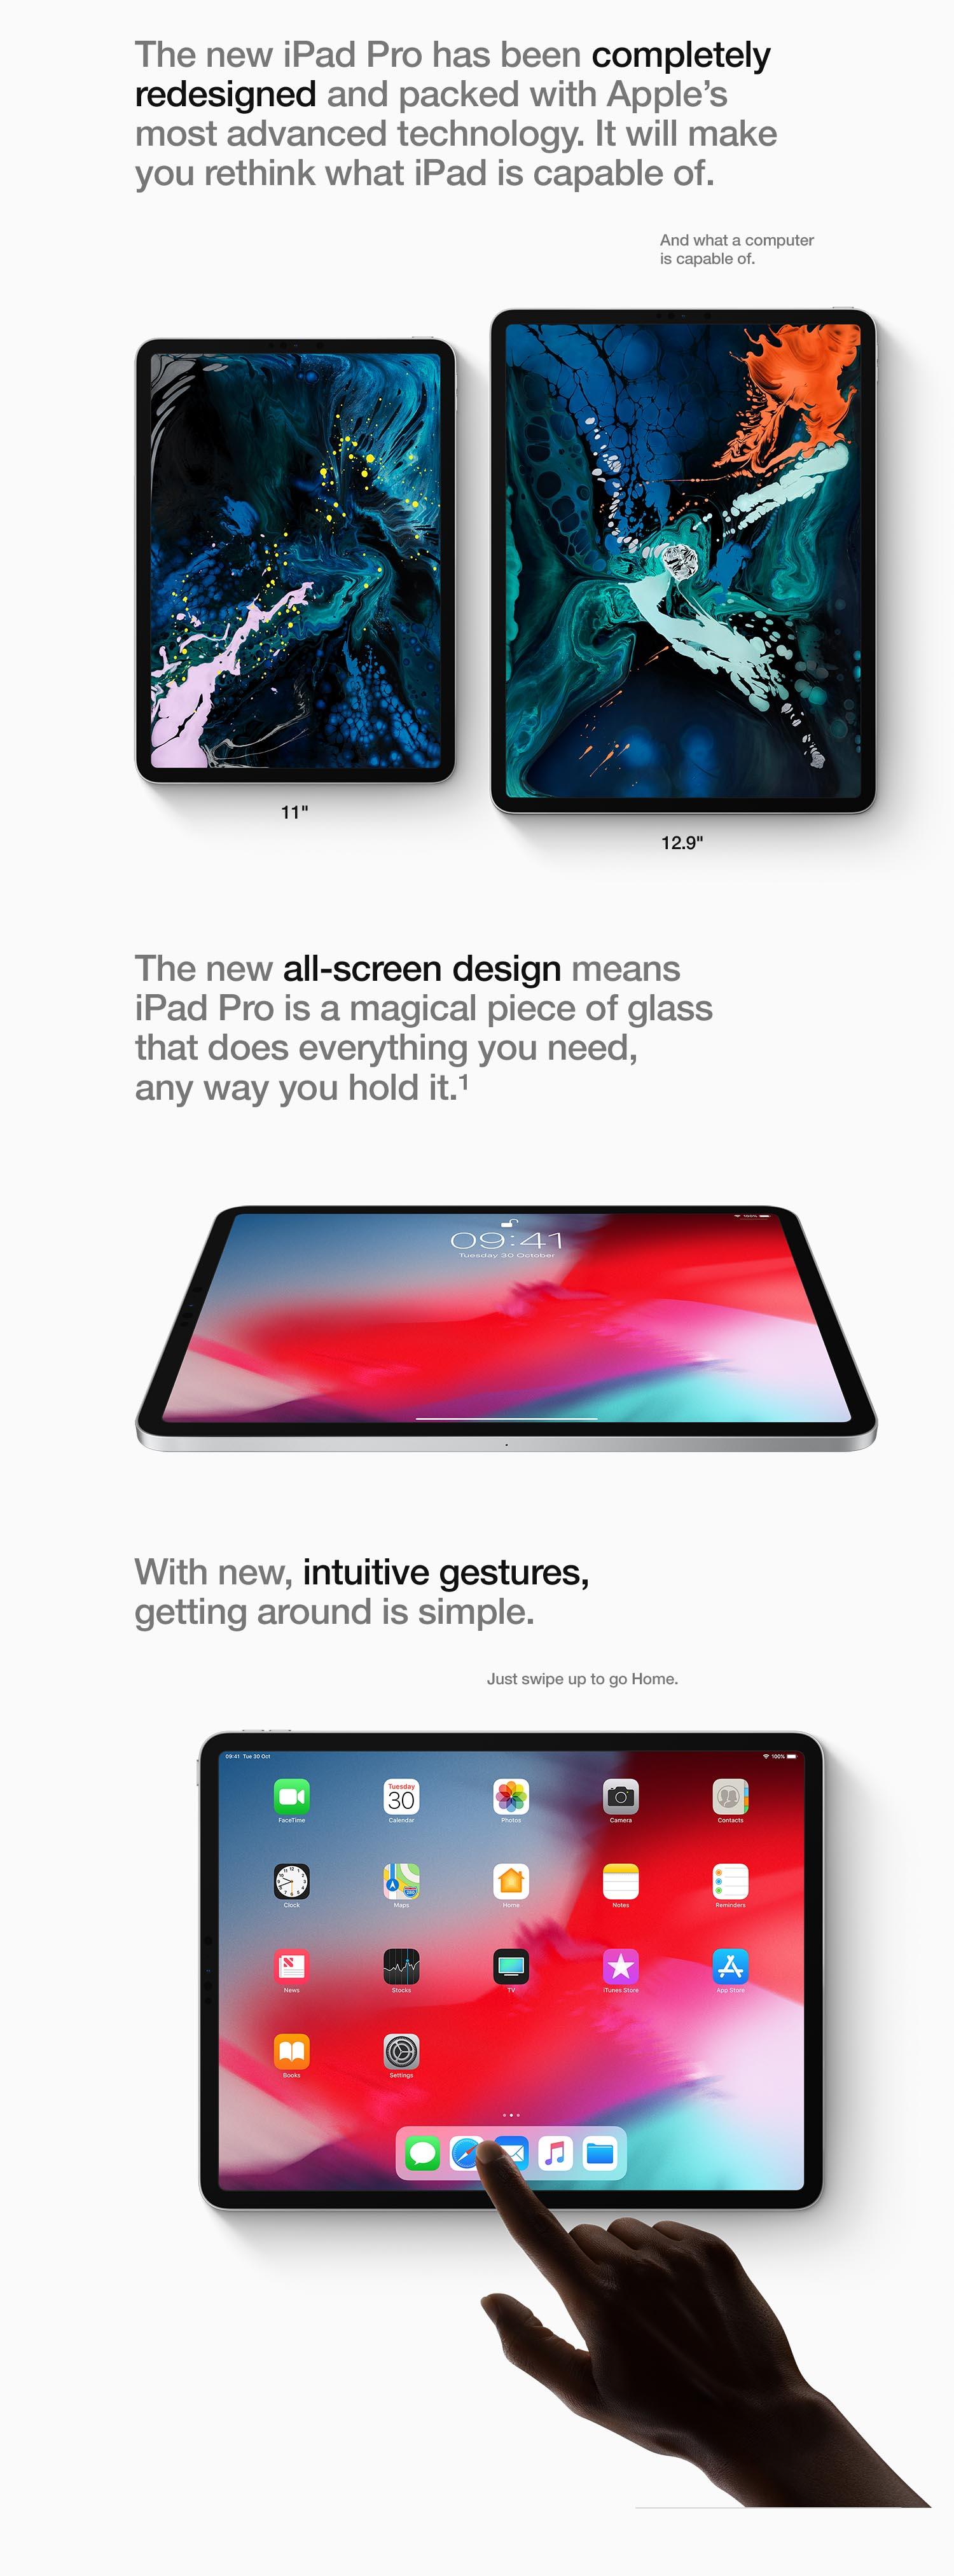 e9b02c136c1 Compare Apple iPad products